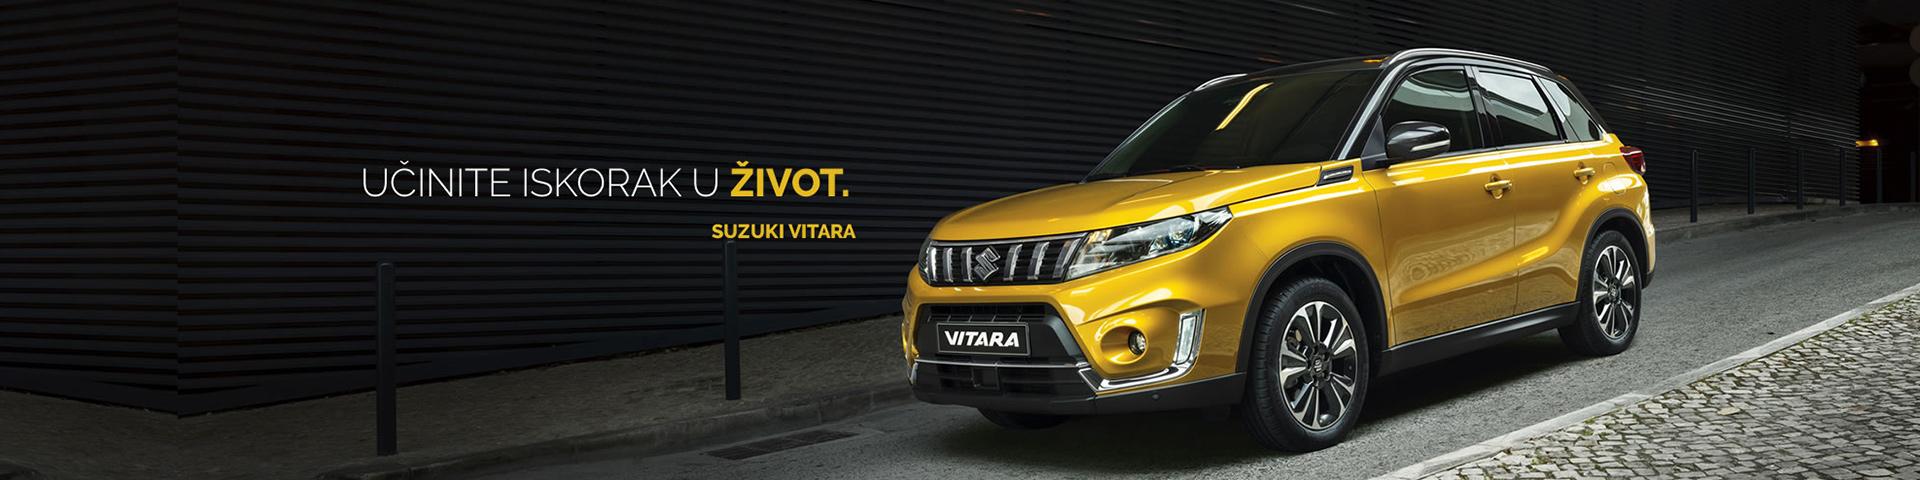 Suzuki Centar Auto Remetinec Ovlašteni Uvoznik Suzuki